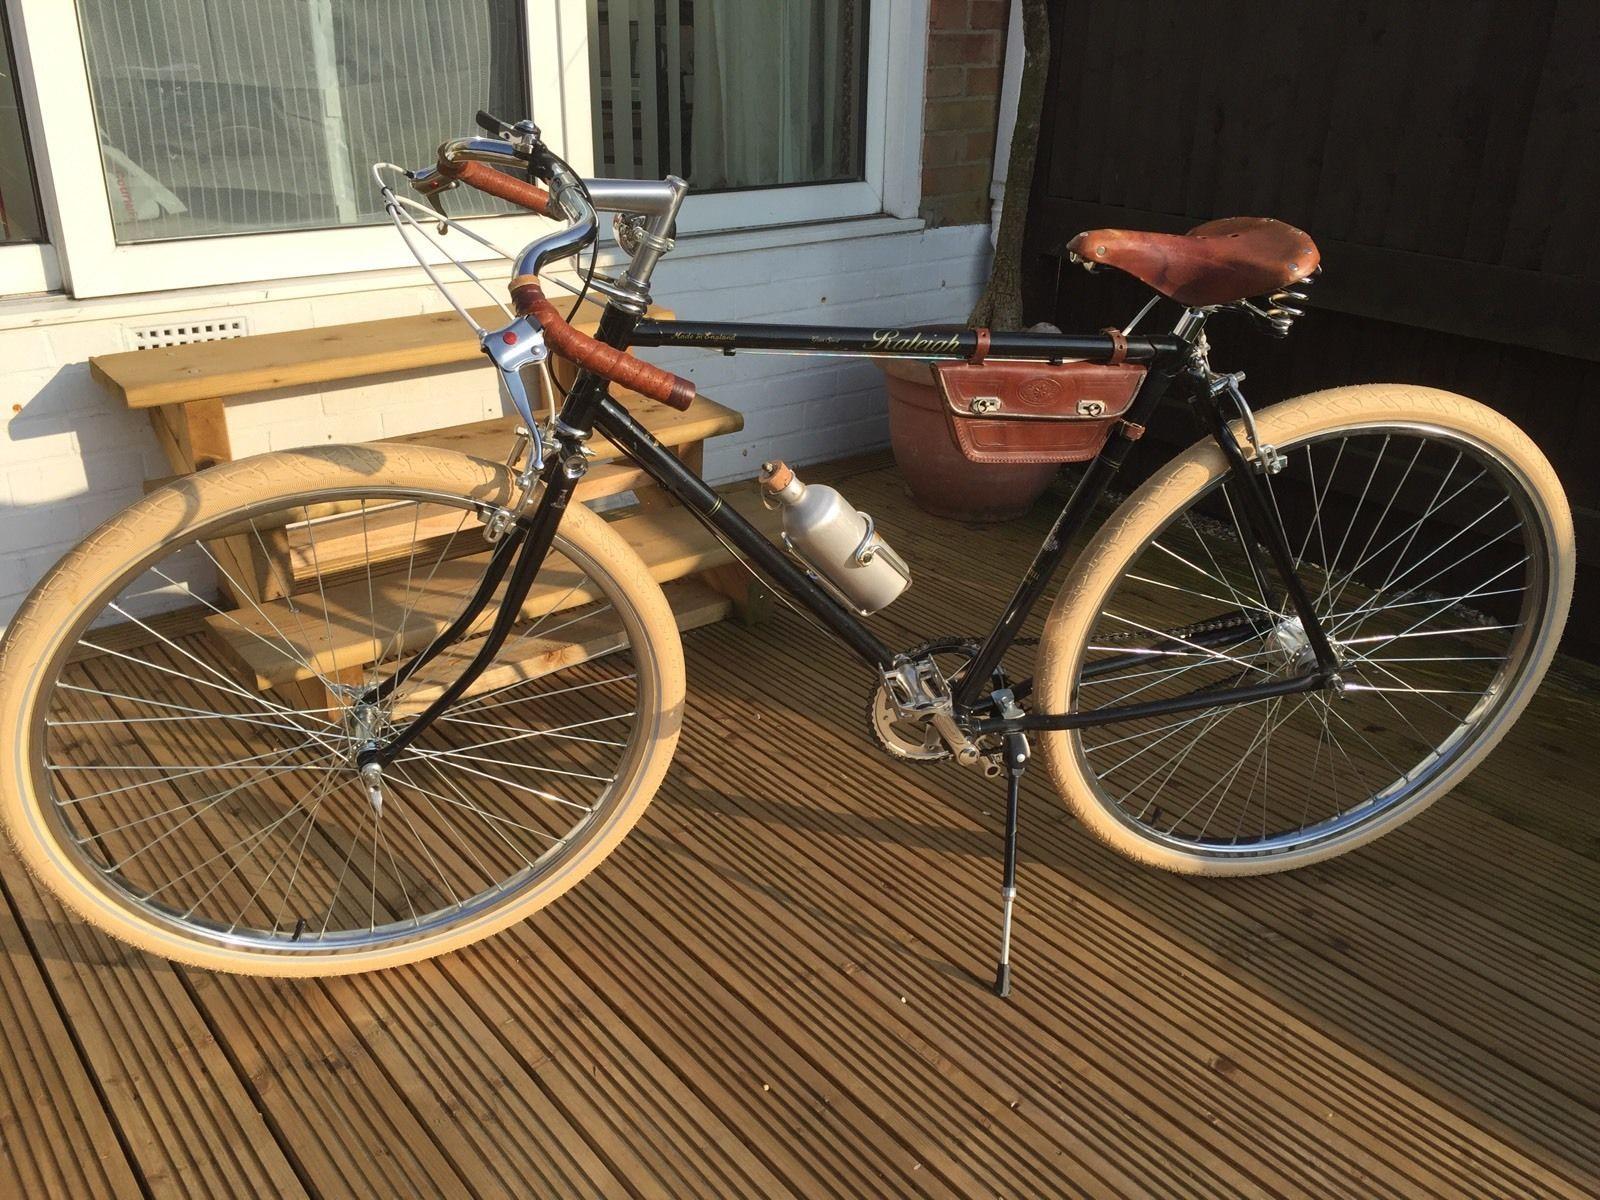 Path Racer Bicycle 5 Speed Eroica Goodwood Tweed Bicycle Vintage Bicycles Racer